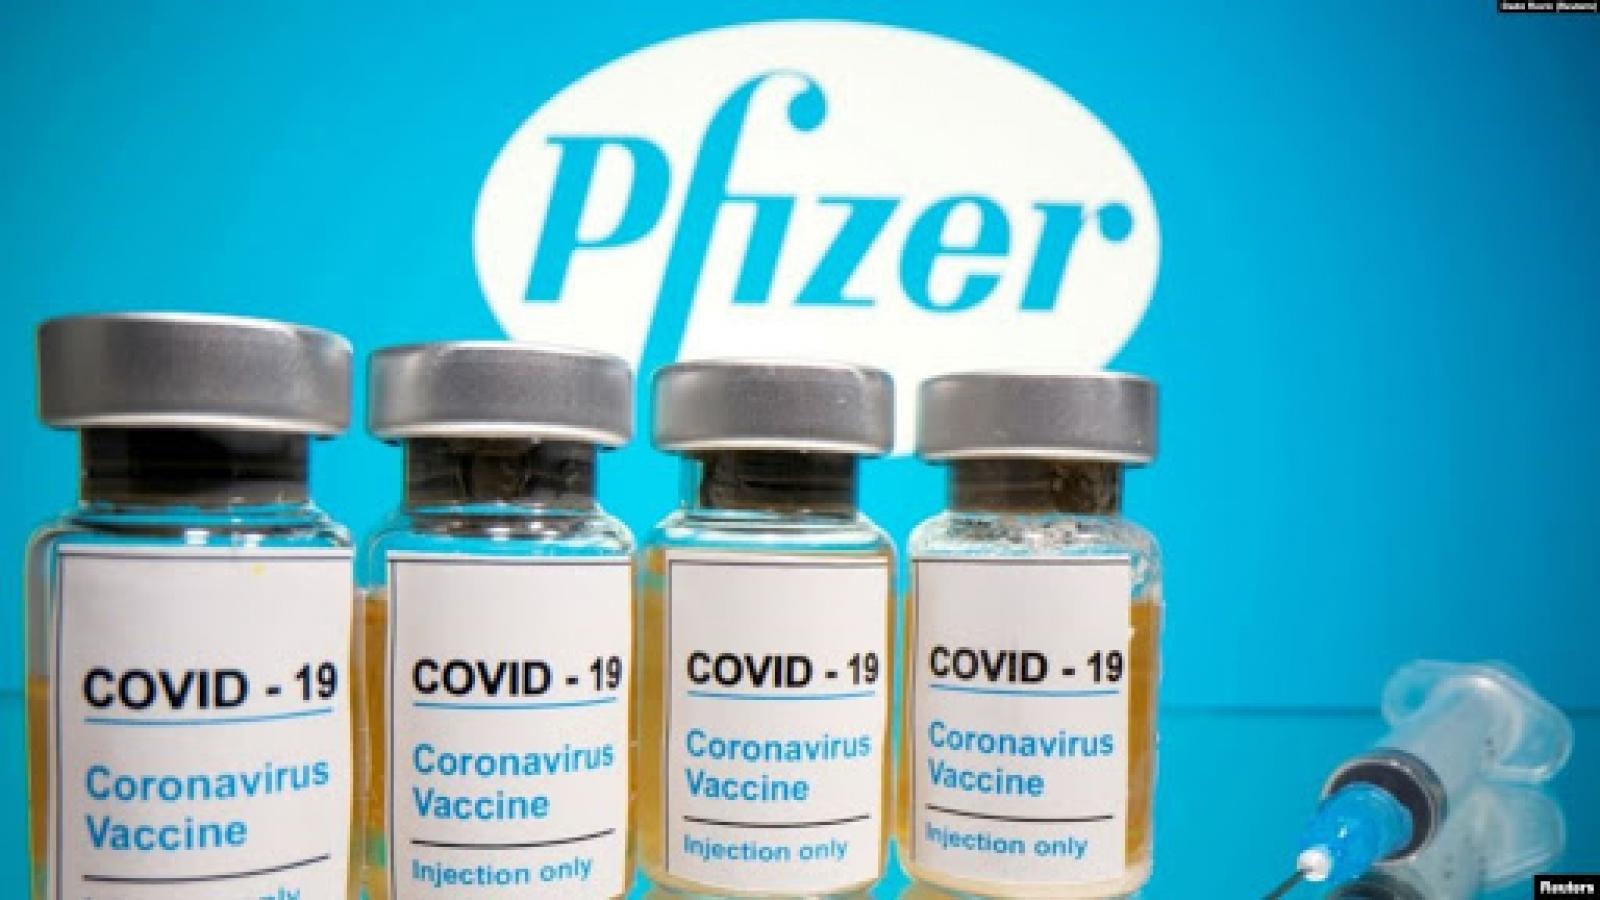 Mỹ nhận đủ vaccine Covid-19 để tiêm cho tất cả người dân vào cuối tháng 7